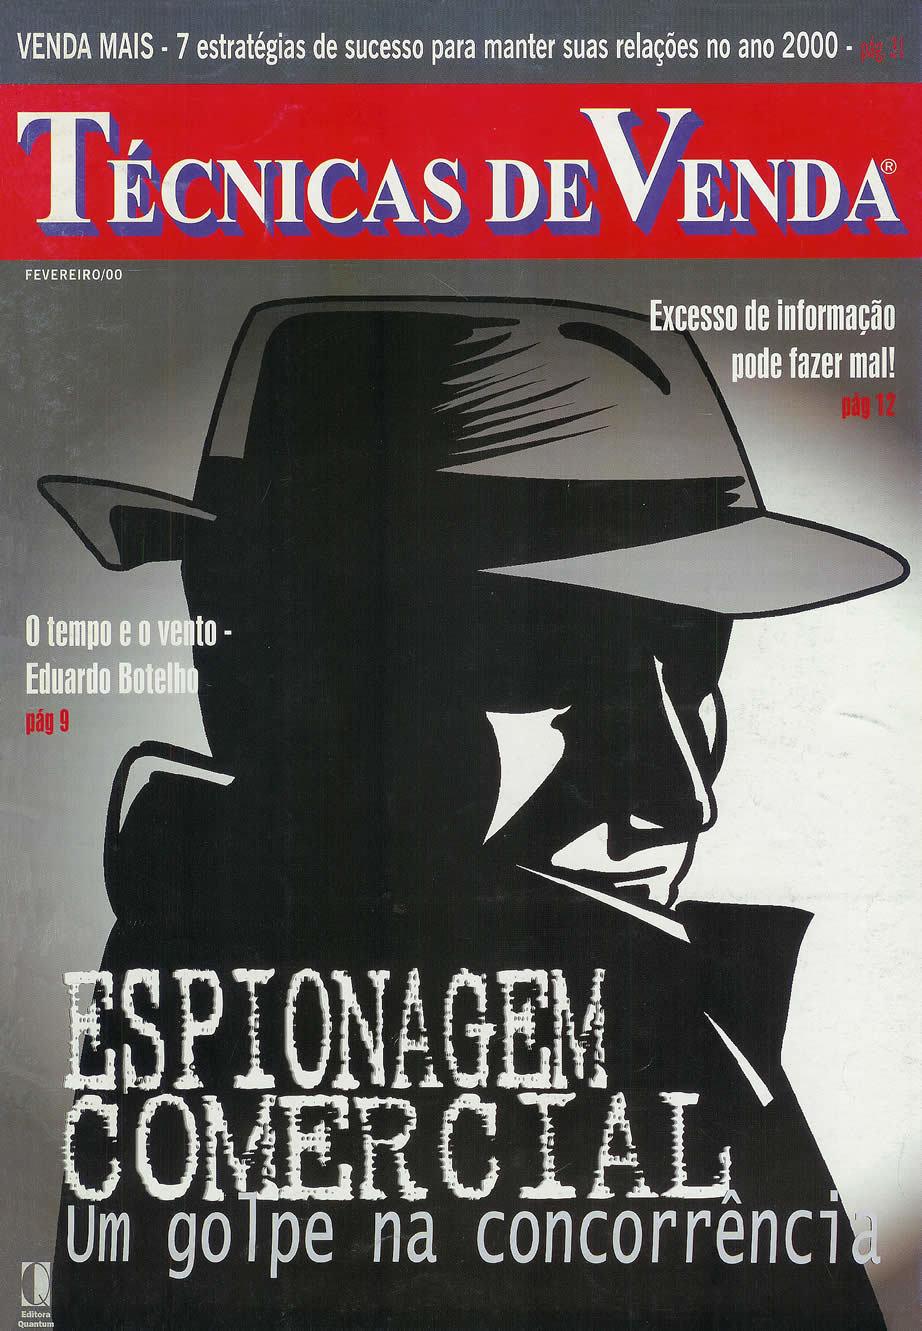 [Fev/00] Espionagem Comercial - Um golpe na concorrência